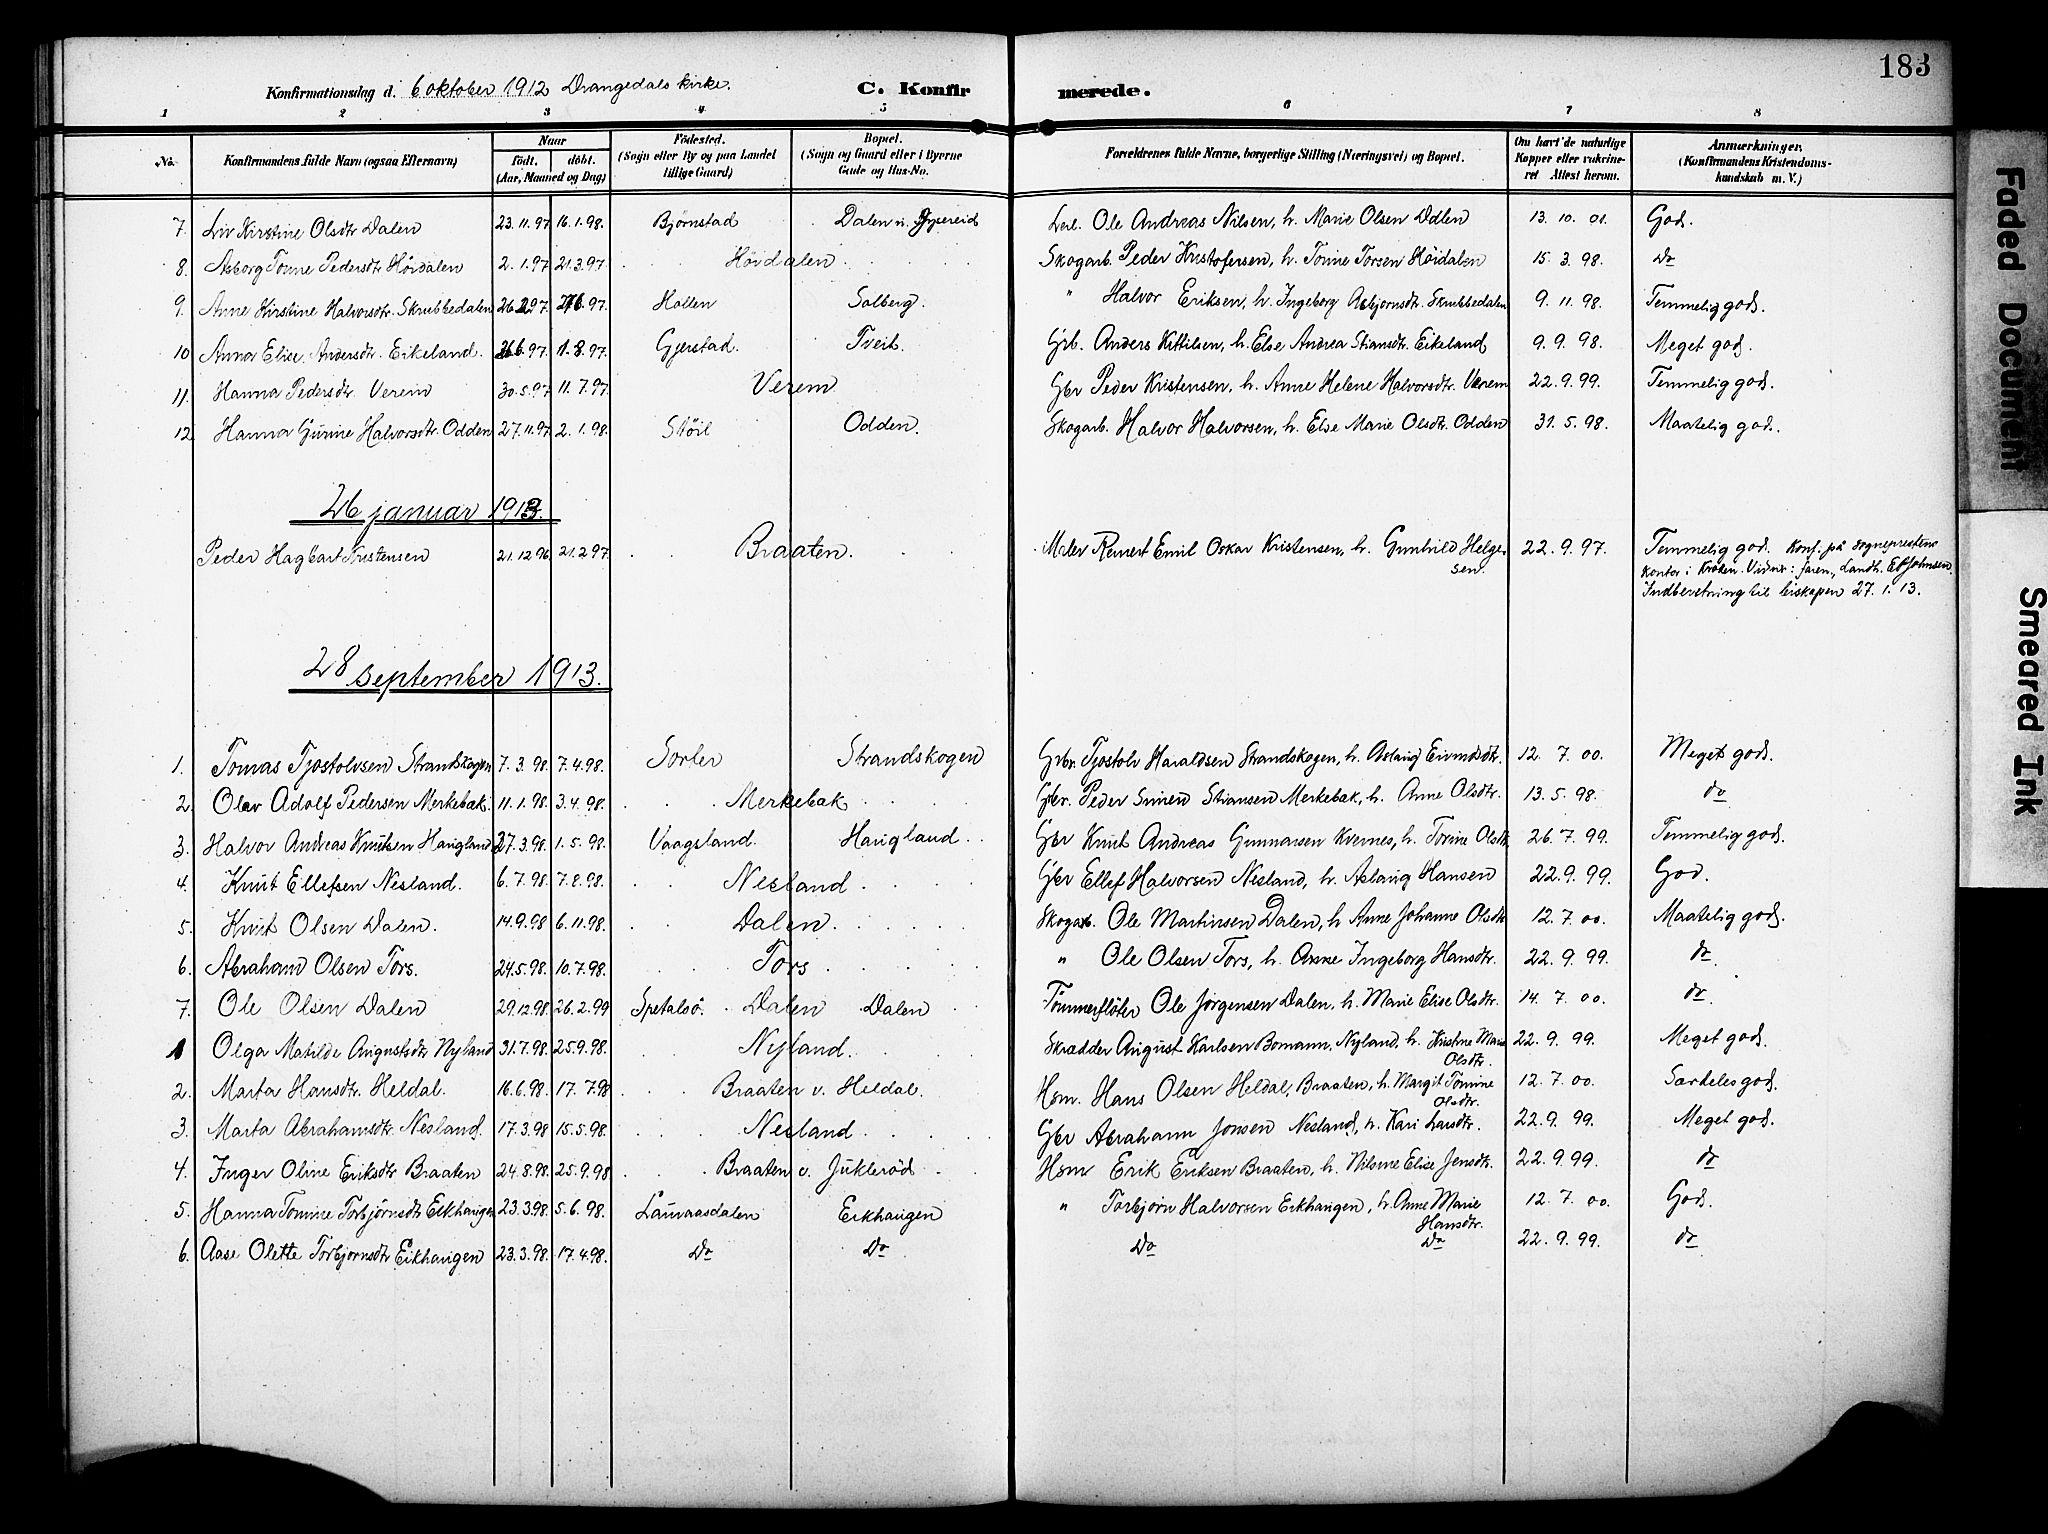 SAKO, Drangedal kirkebøker, G/Ga/L0004: Klokkerbok nr. I 4, 1901-1933, s. 183